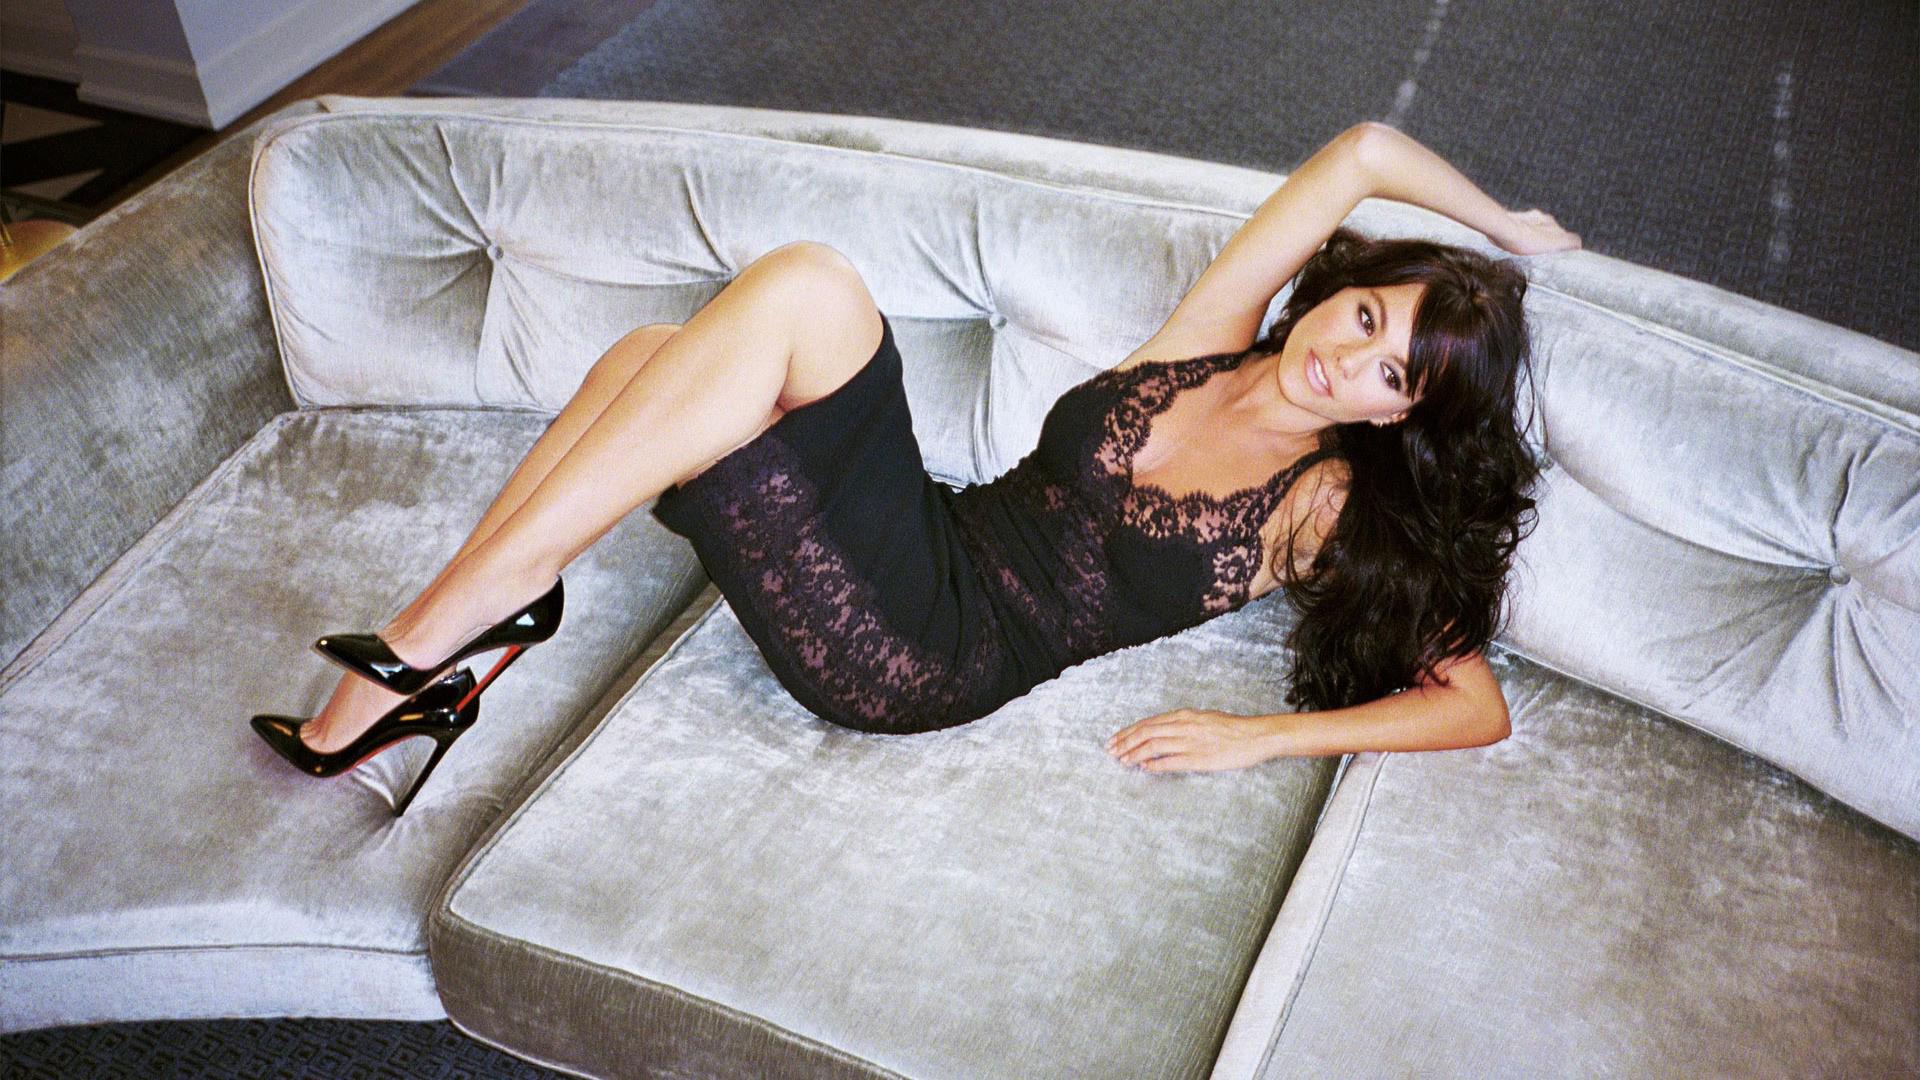 Sofia Vergara women dress actresses high heels Latina Columbia 1920x1080